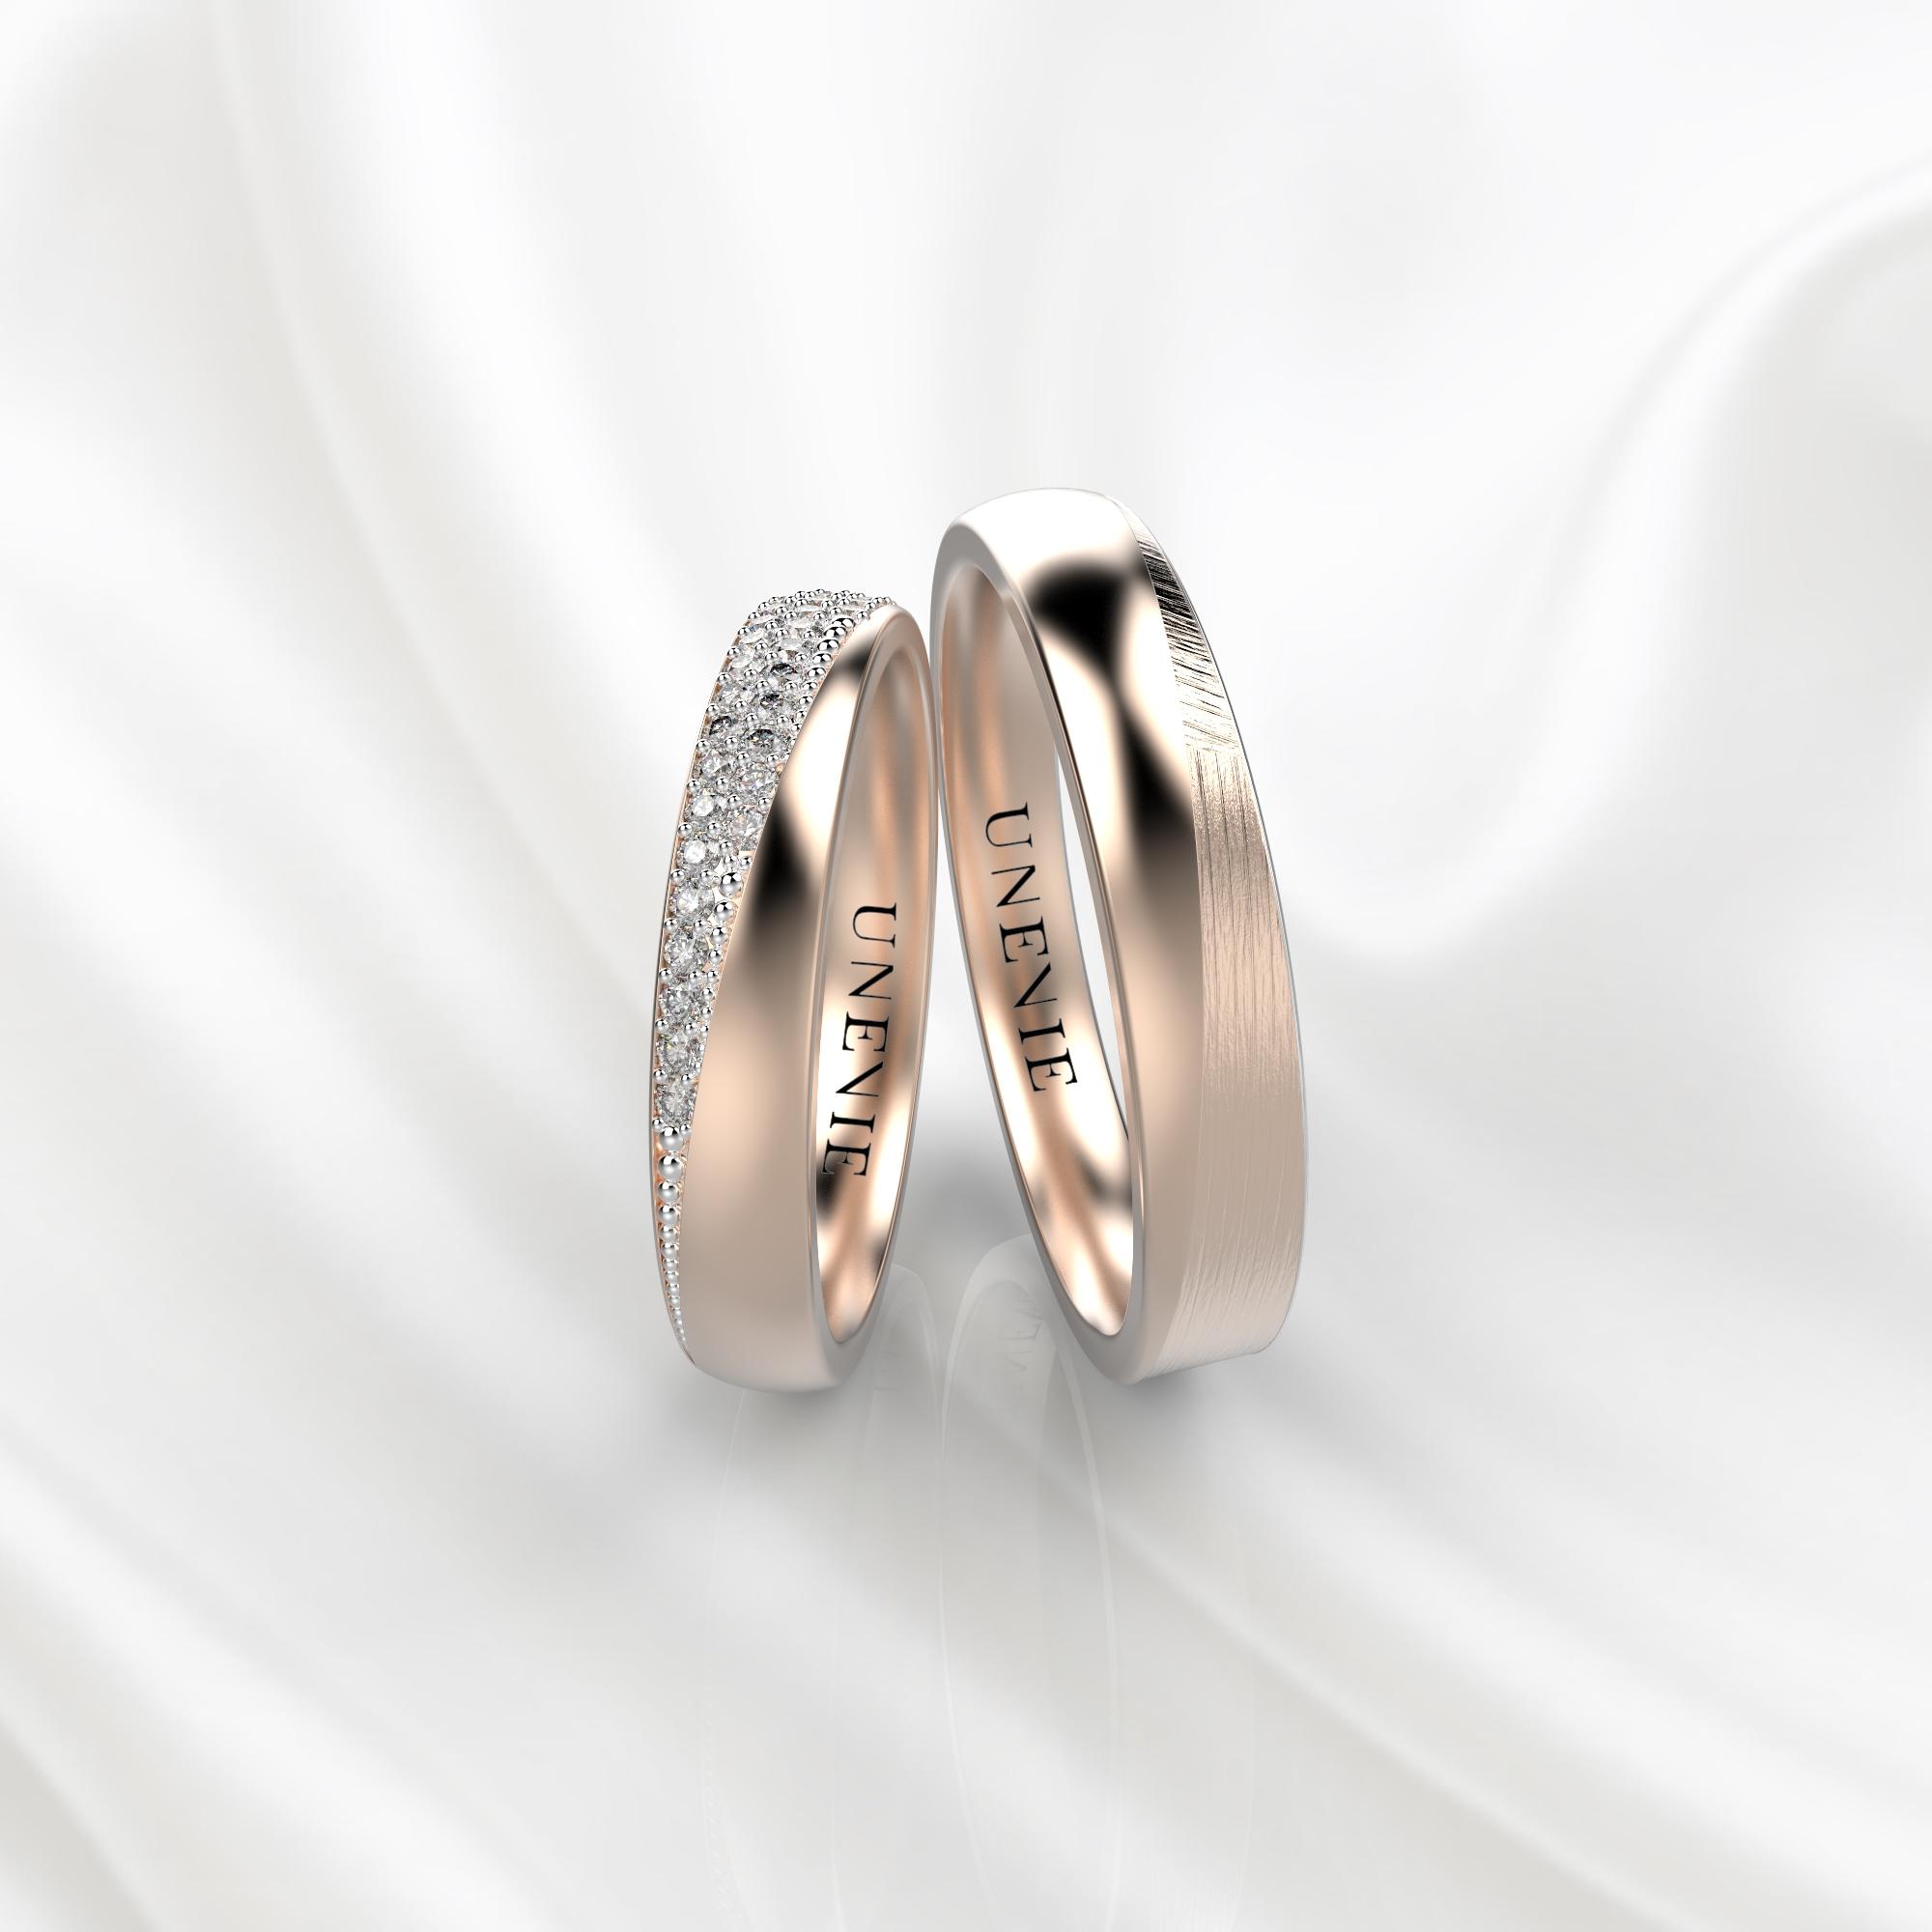 NV32 Обручальные кольца из розового золота с бриллиантами